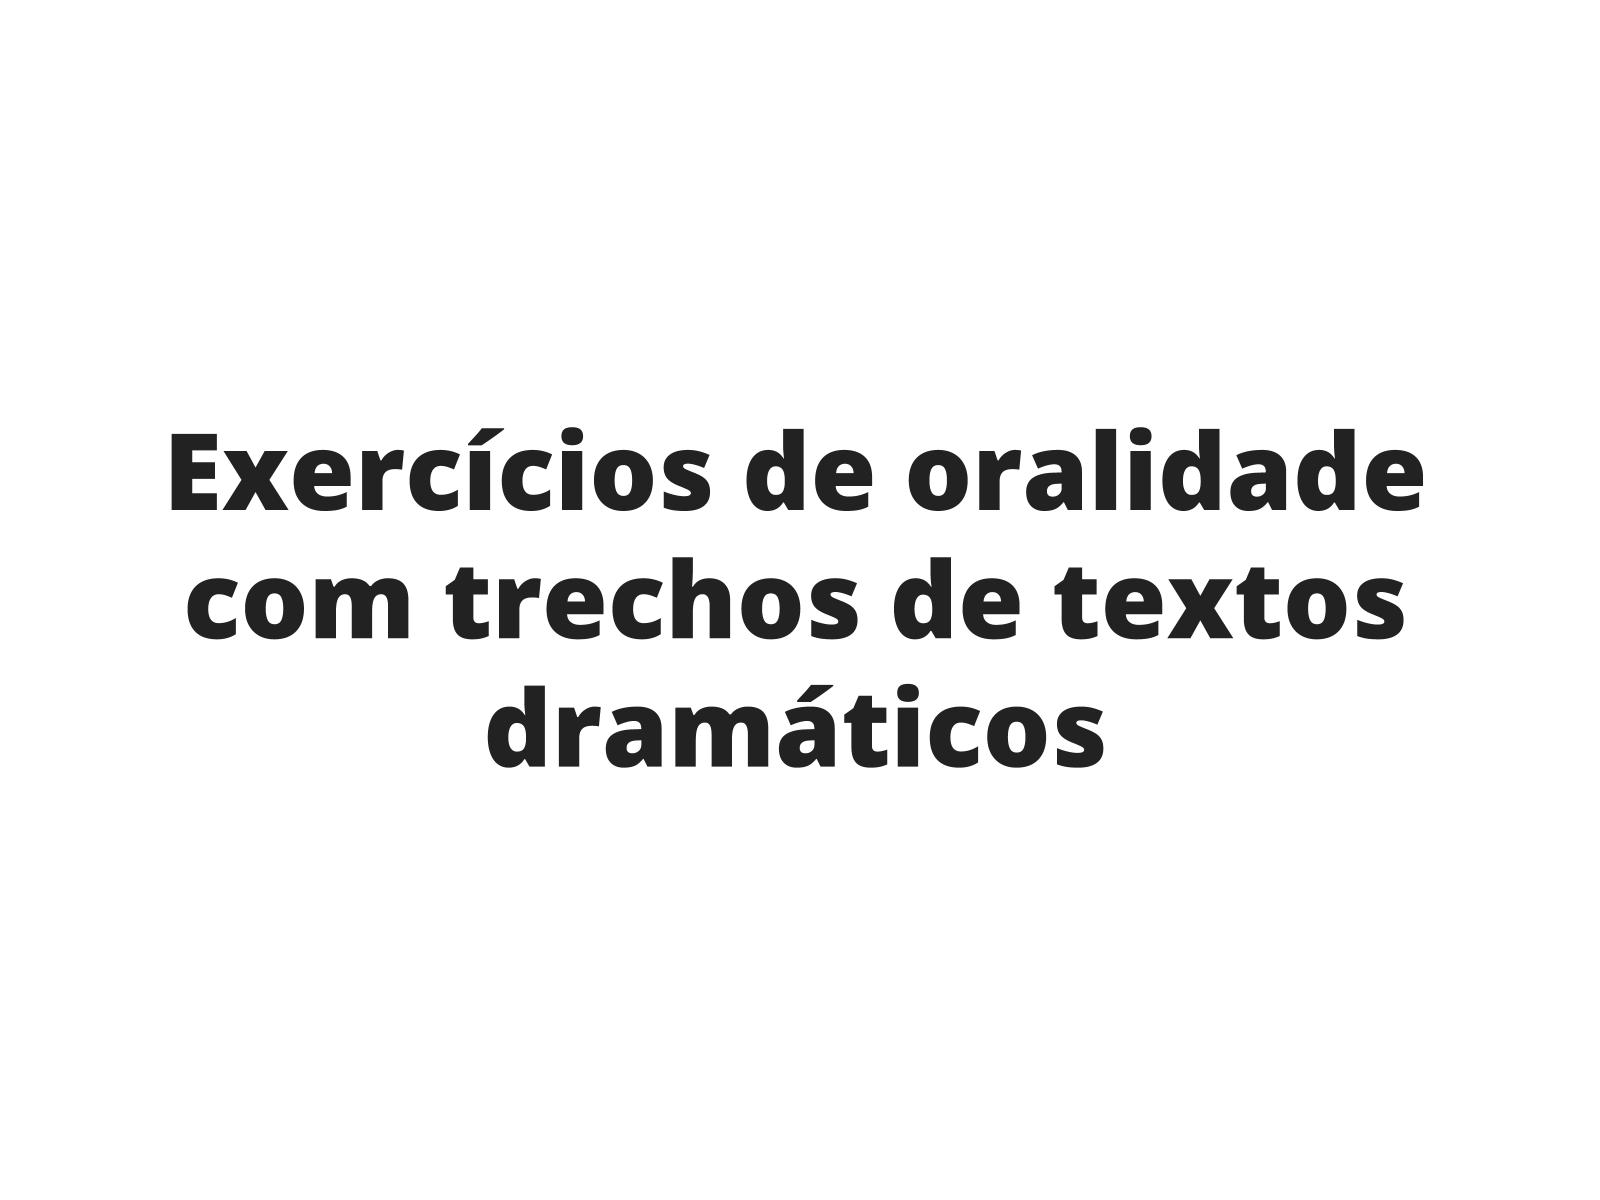 Exercícios de oralidade com trechos de textos dramáticos